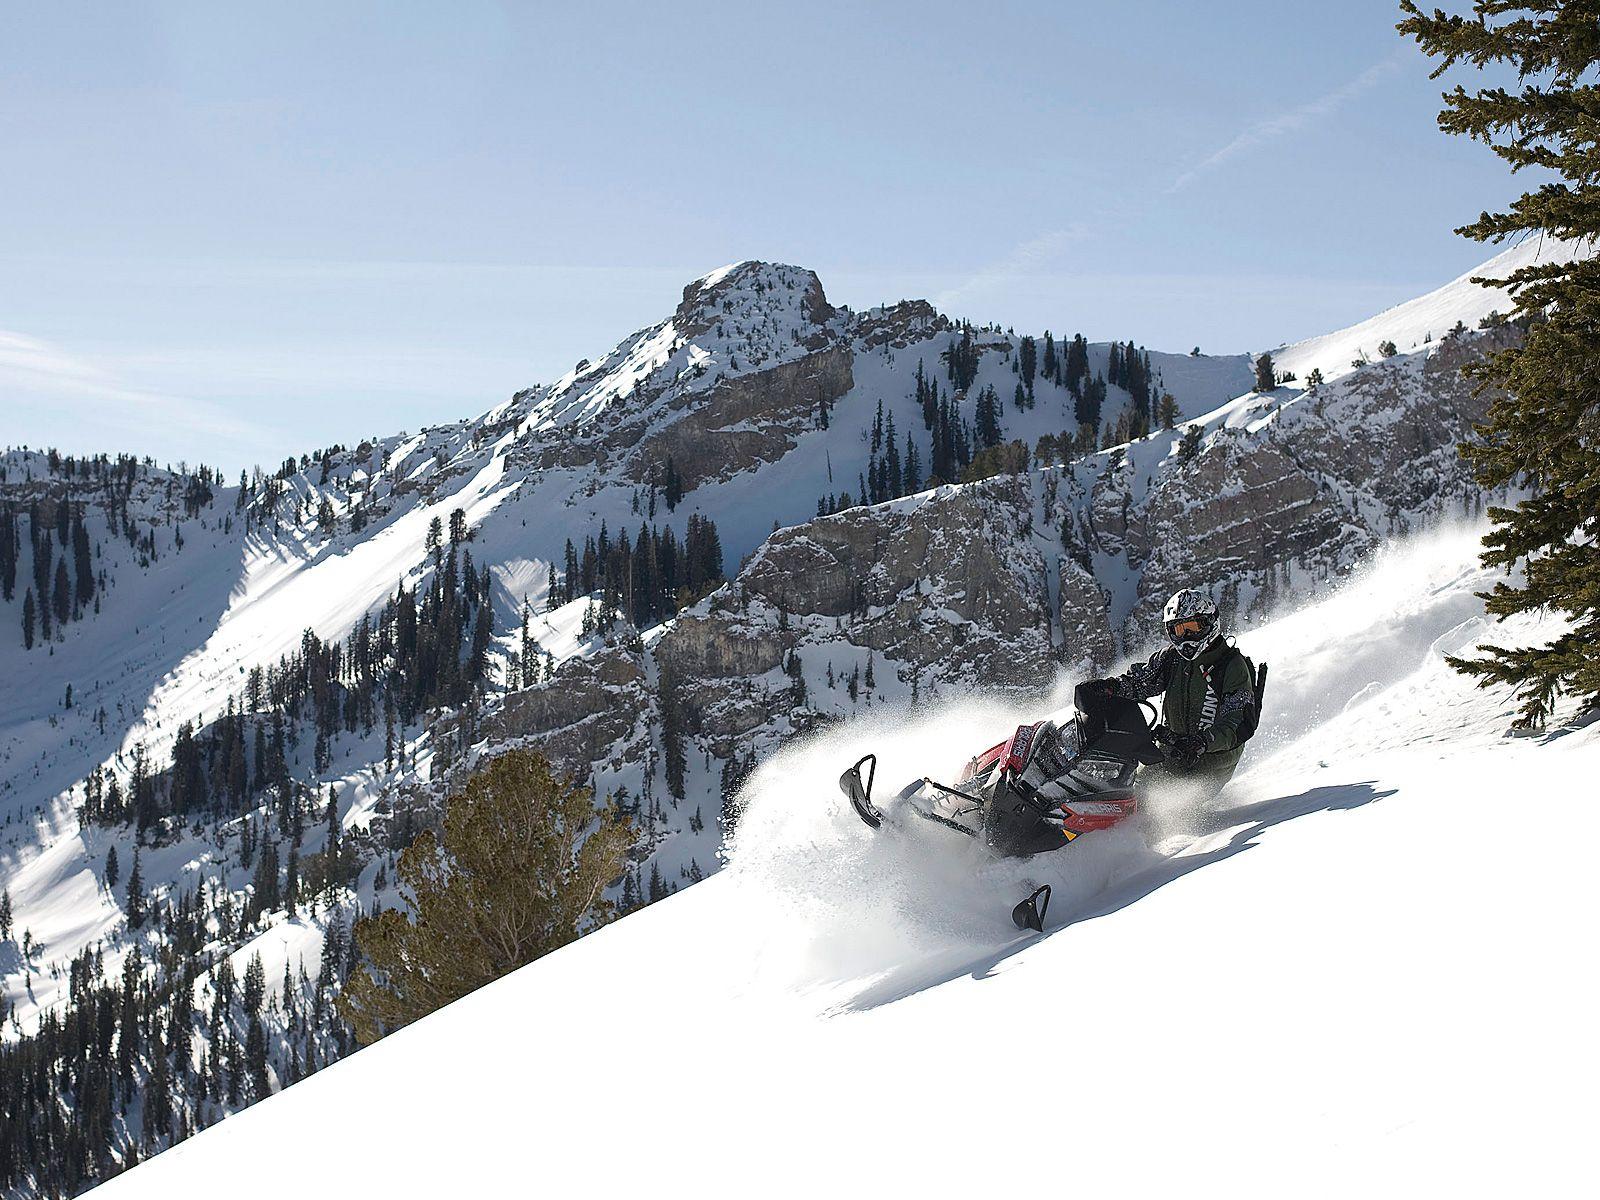 Polaris Snowmobile Wallpaper | POLARIS PRO RMK snowmobile winter sled snow g wallpaper background